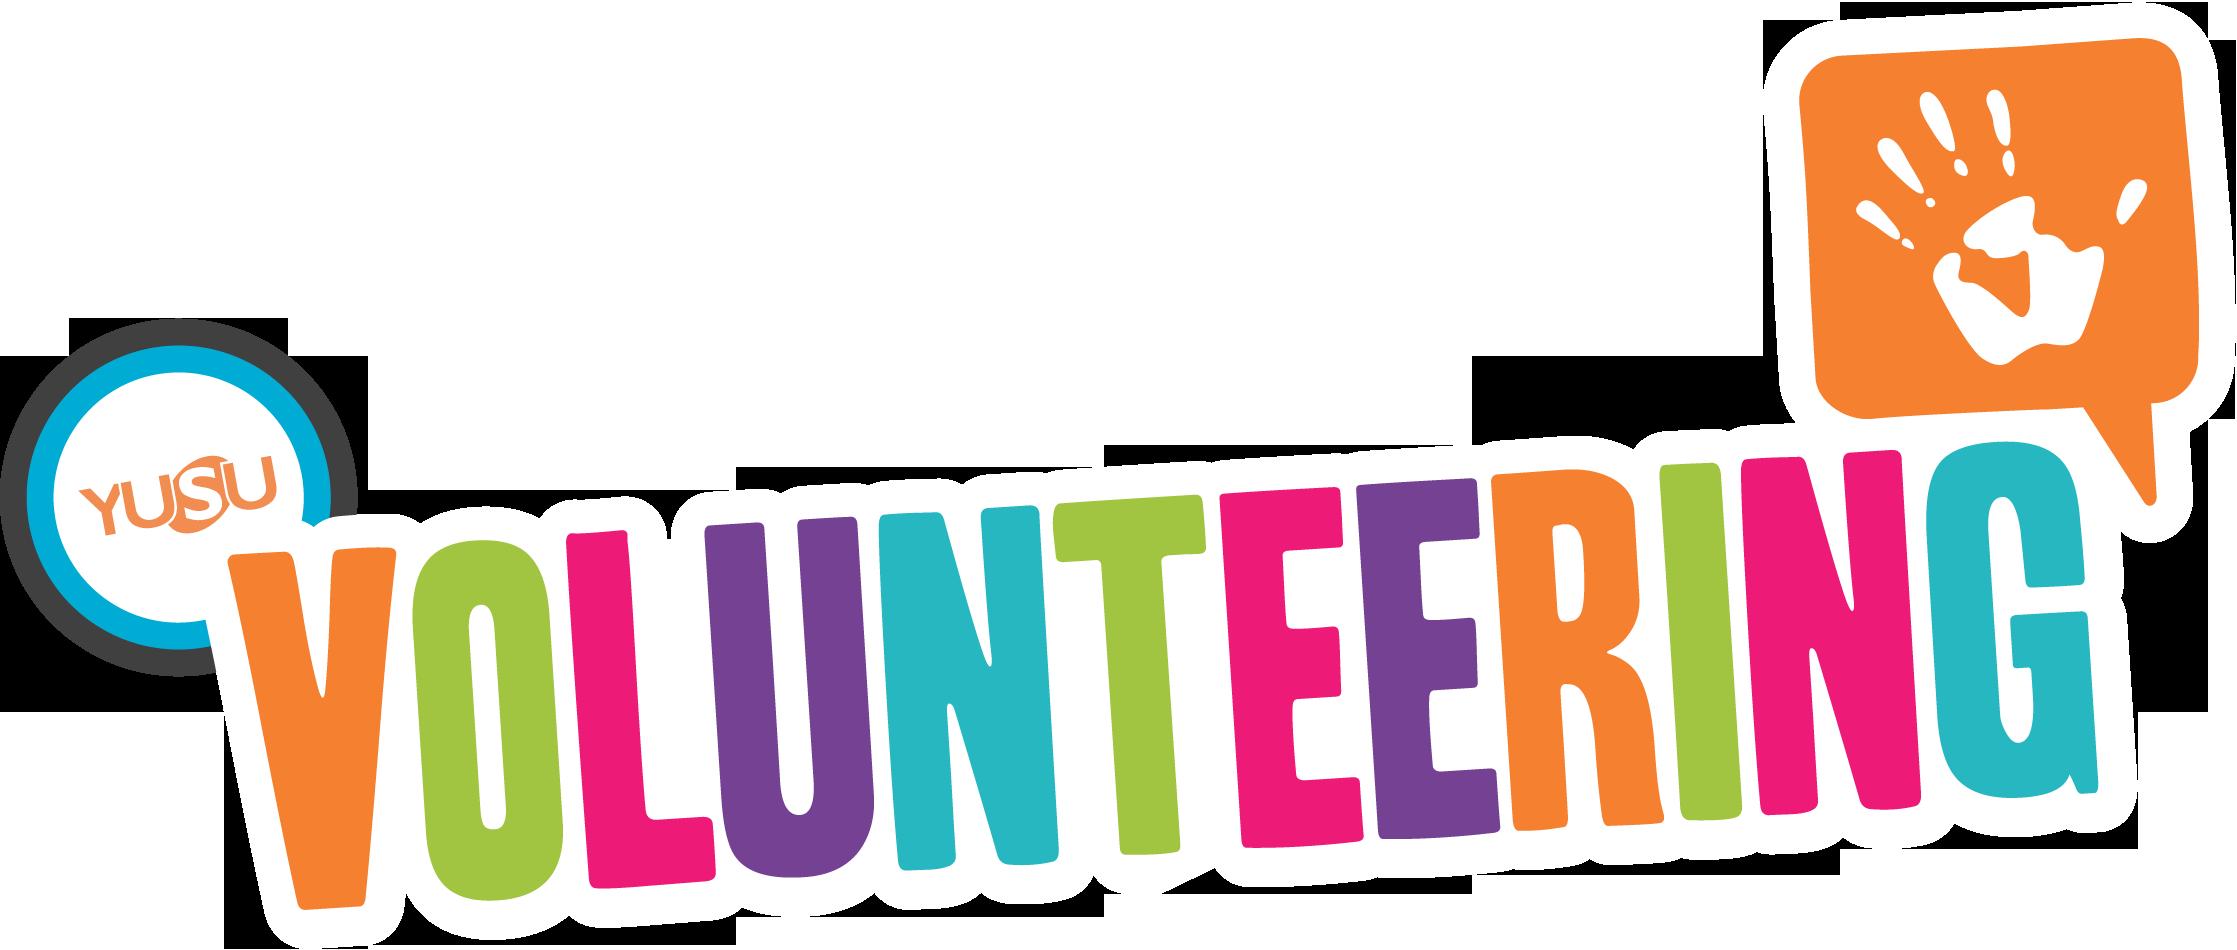 Volunteering clipart fundraiser. Yusu